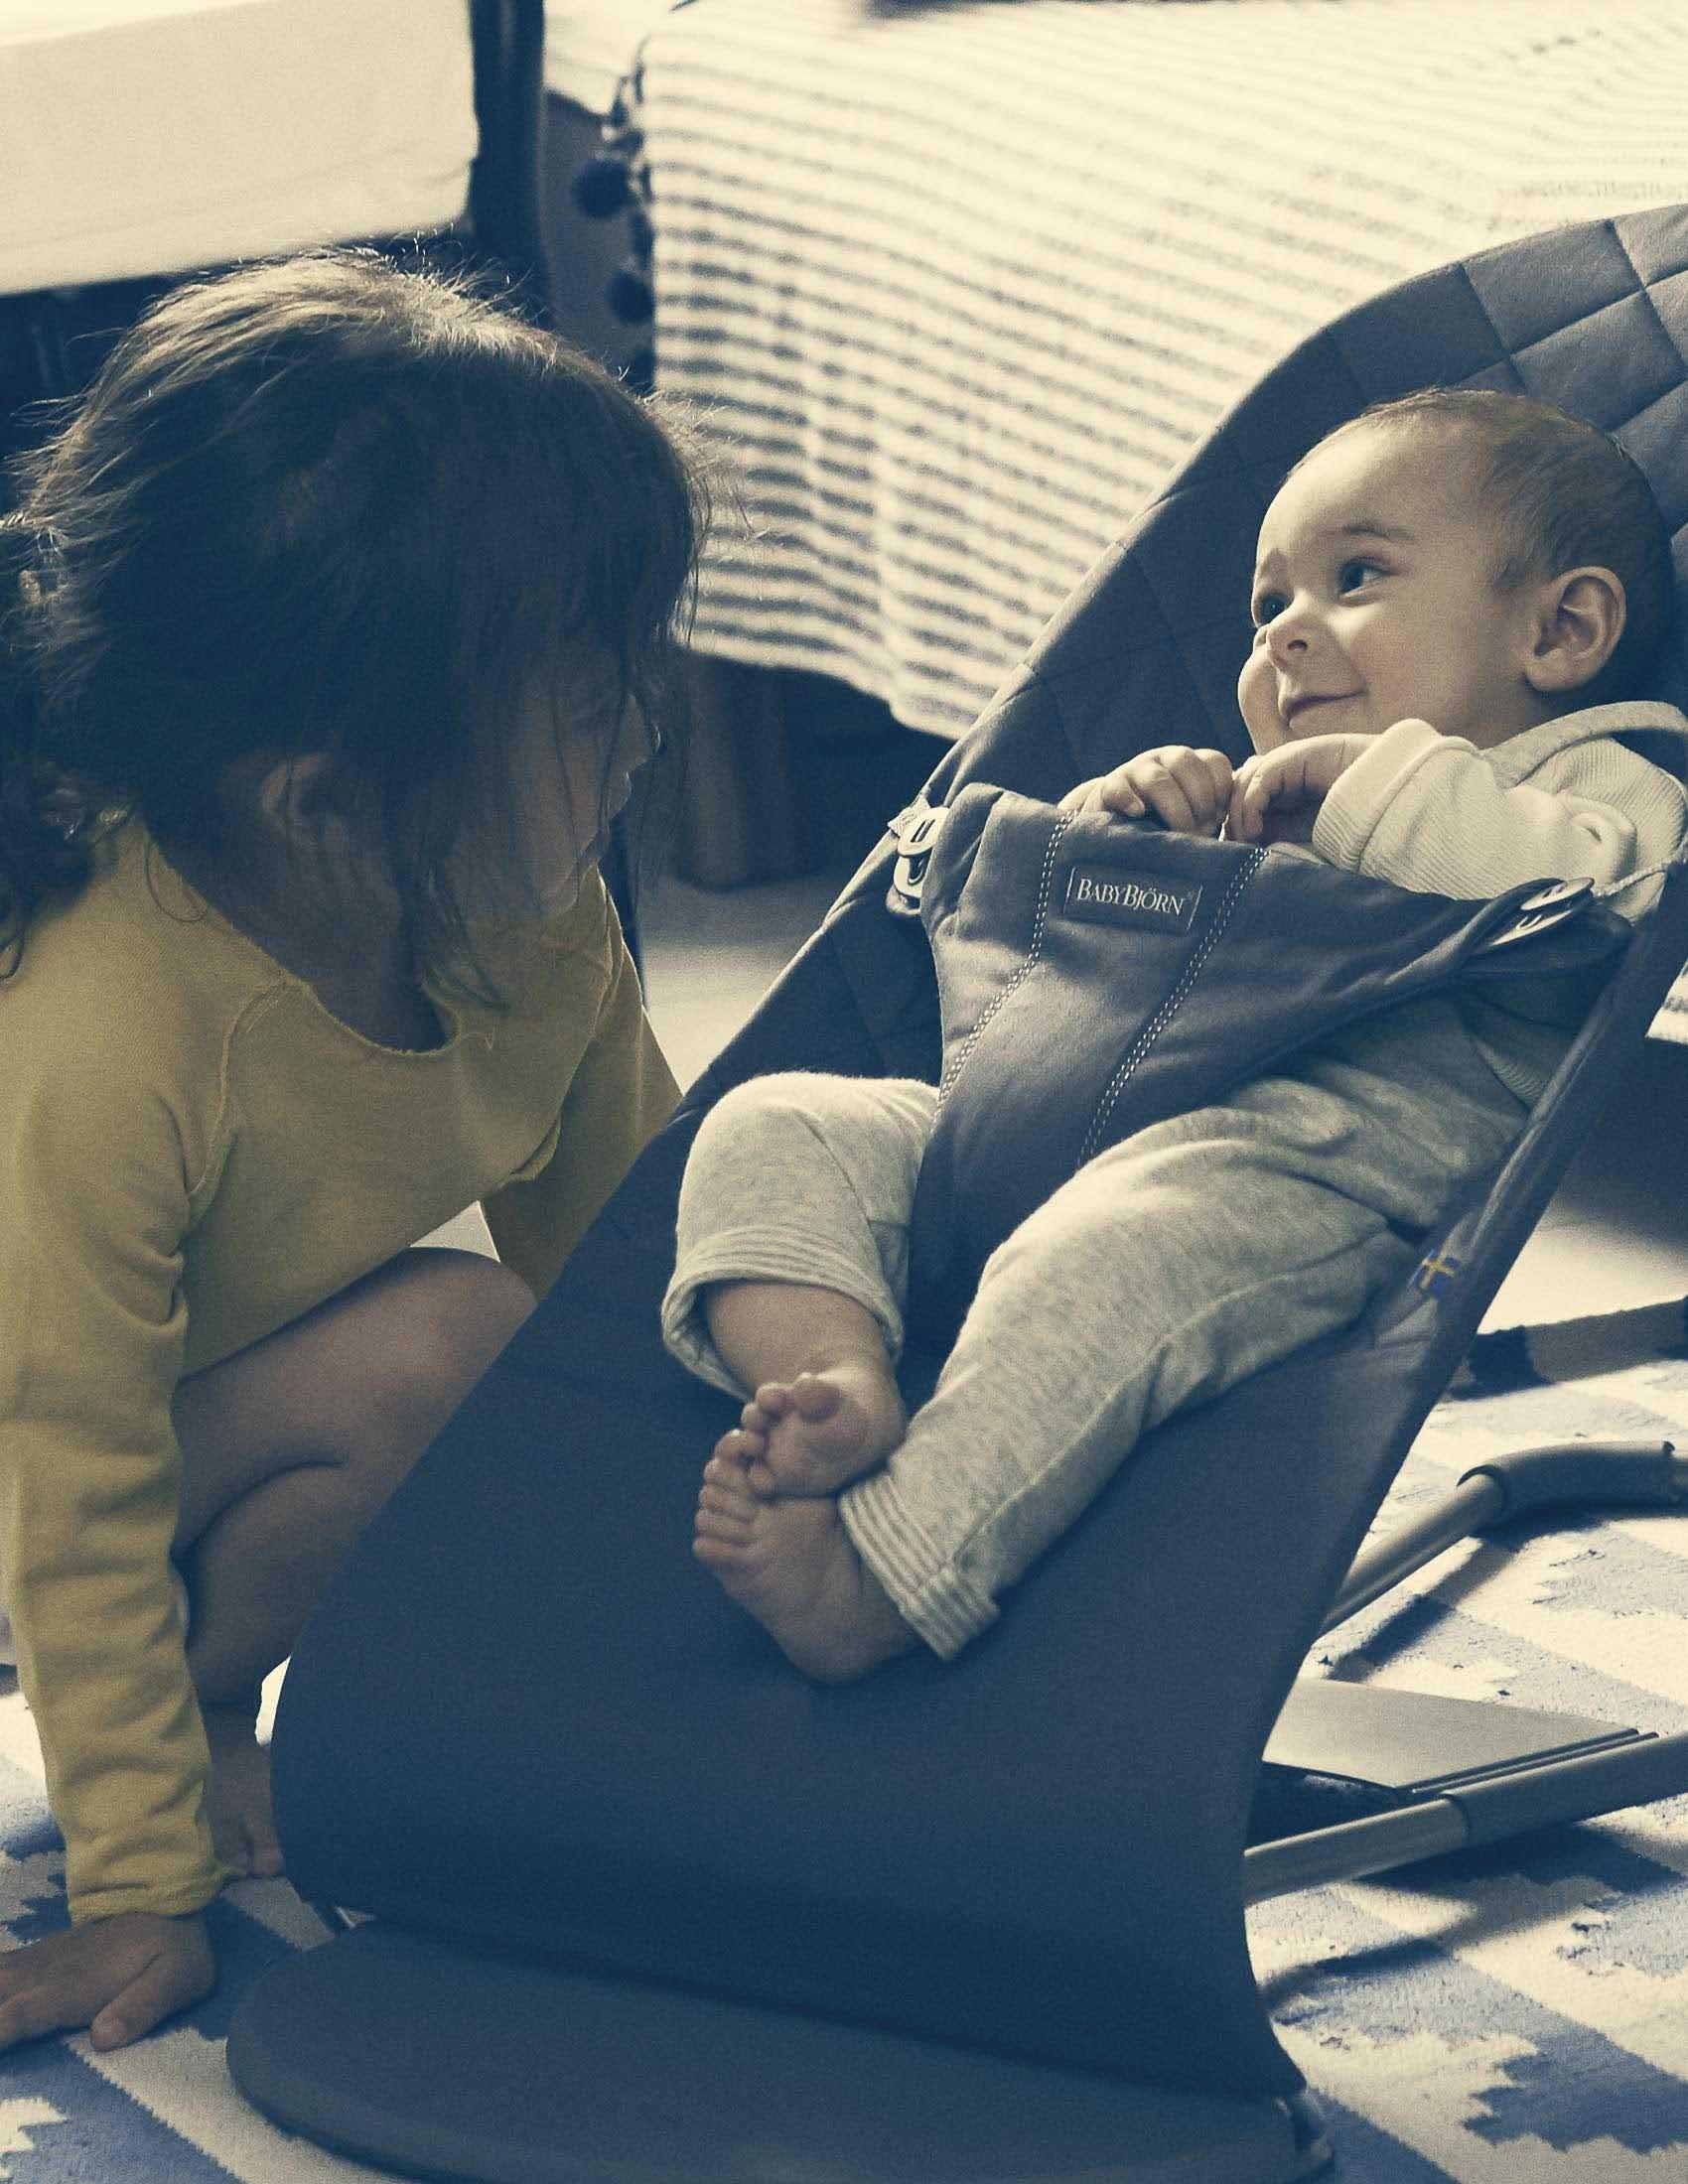 Baby sitzt in der Babywippe Bliss von BABYBJÖRN, Schwester hockt daneben auf dem Boden | BABYBJÖRN